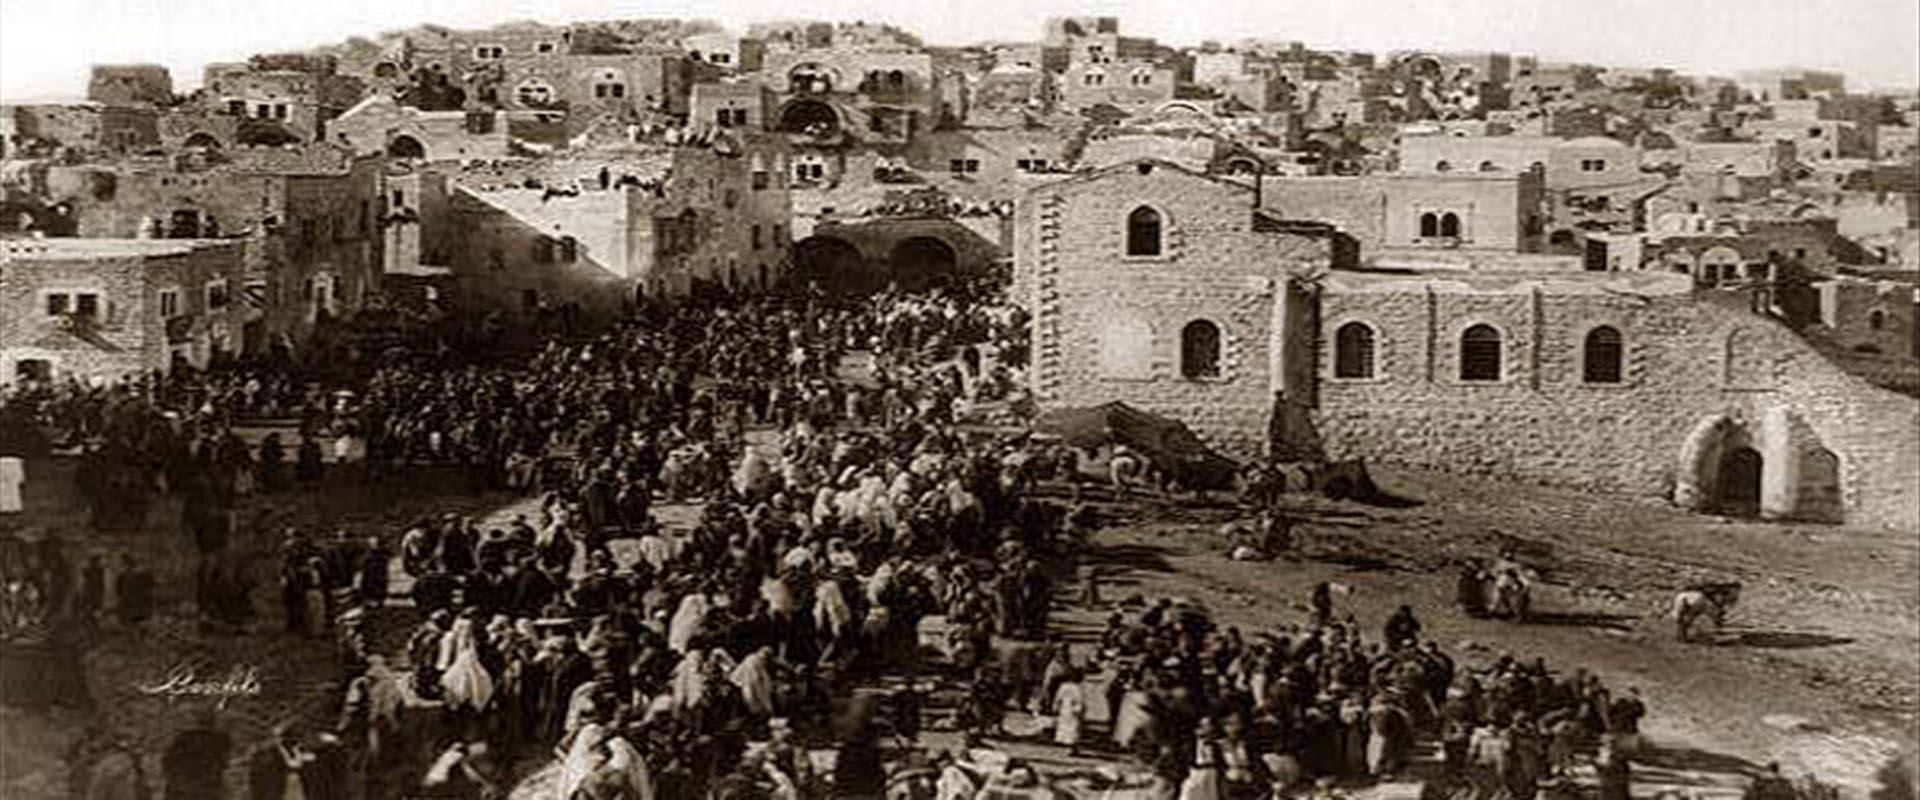 bethlehem_christmas_pilgrims_enter_town_1890